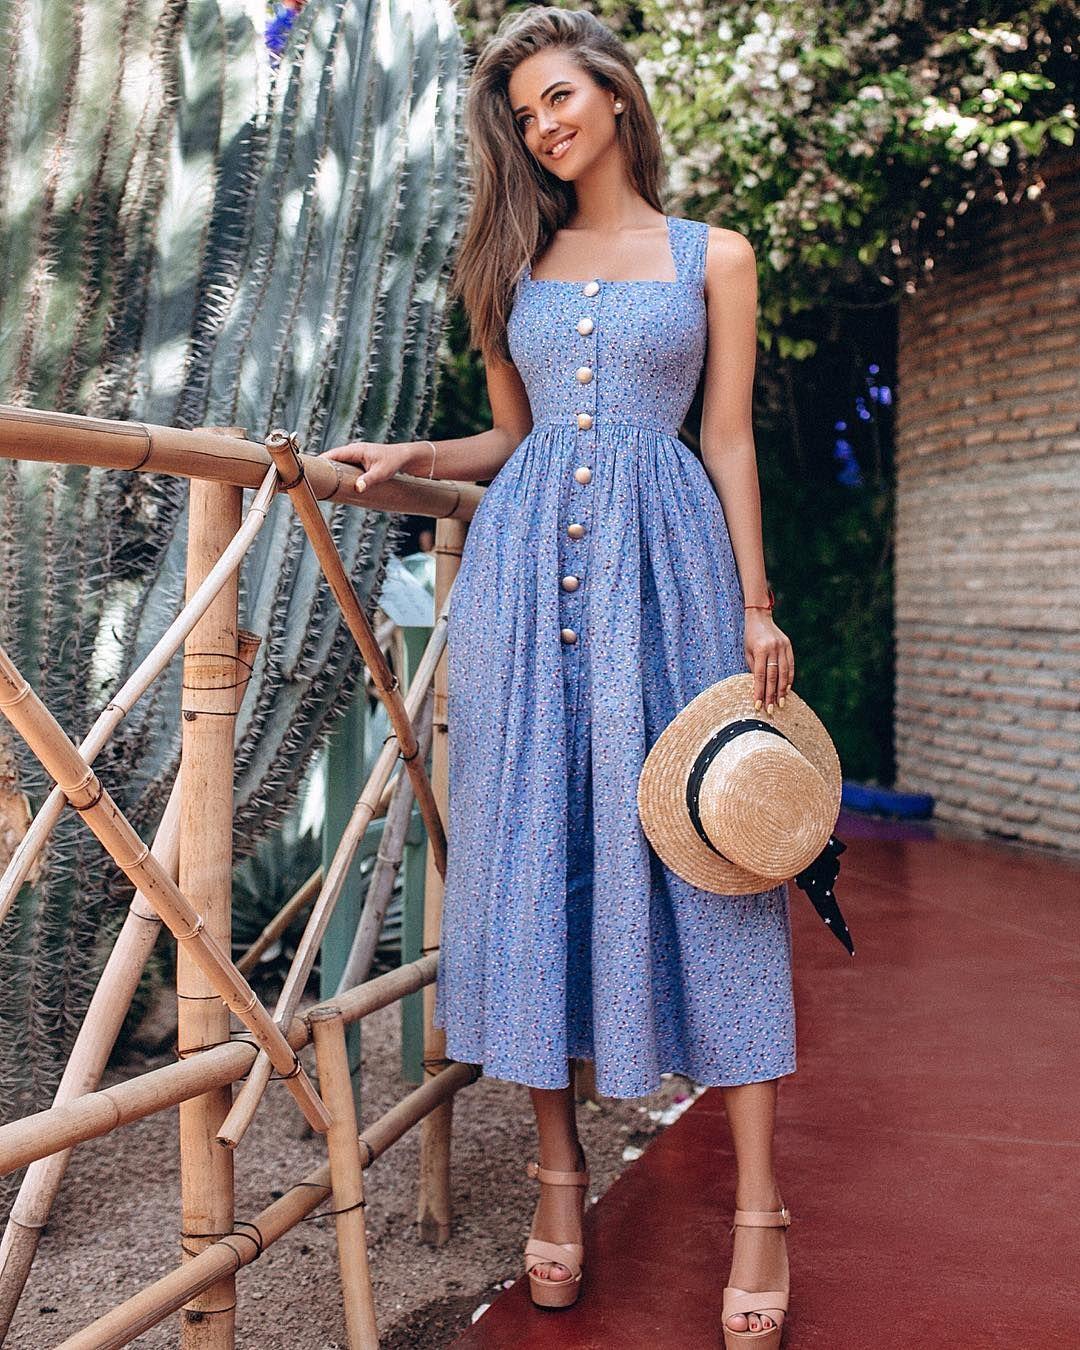 """0b97e9bc842 ⚜Одежда Yana Lukacher⚜ on Instagram  """"💙💧💎🦋Новинка!!!💙🦋💧💎  Потрясающей красоты платье «ДЭМИ» из натурального хлопка🙏🏼 Такое летнее"""